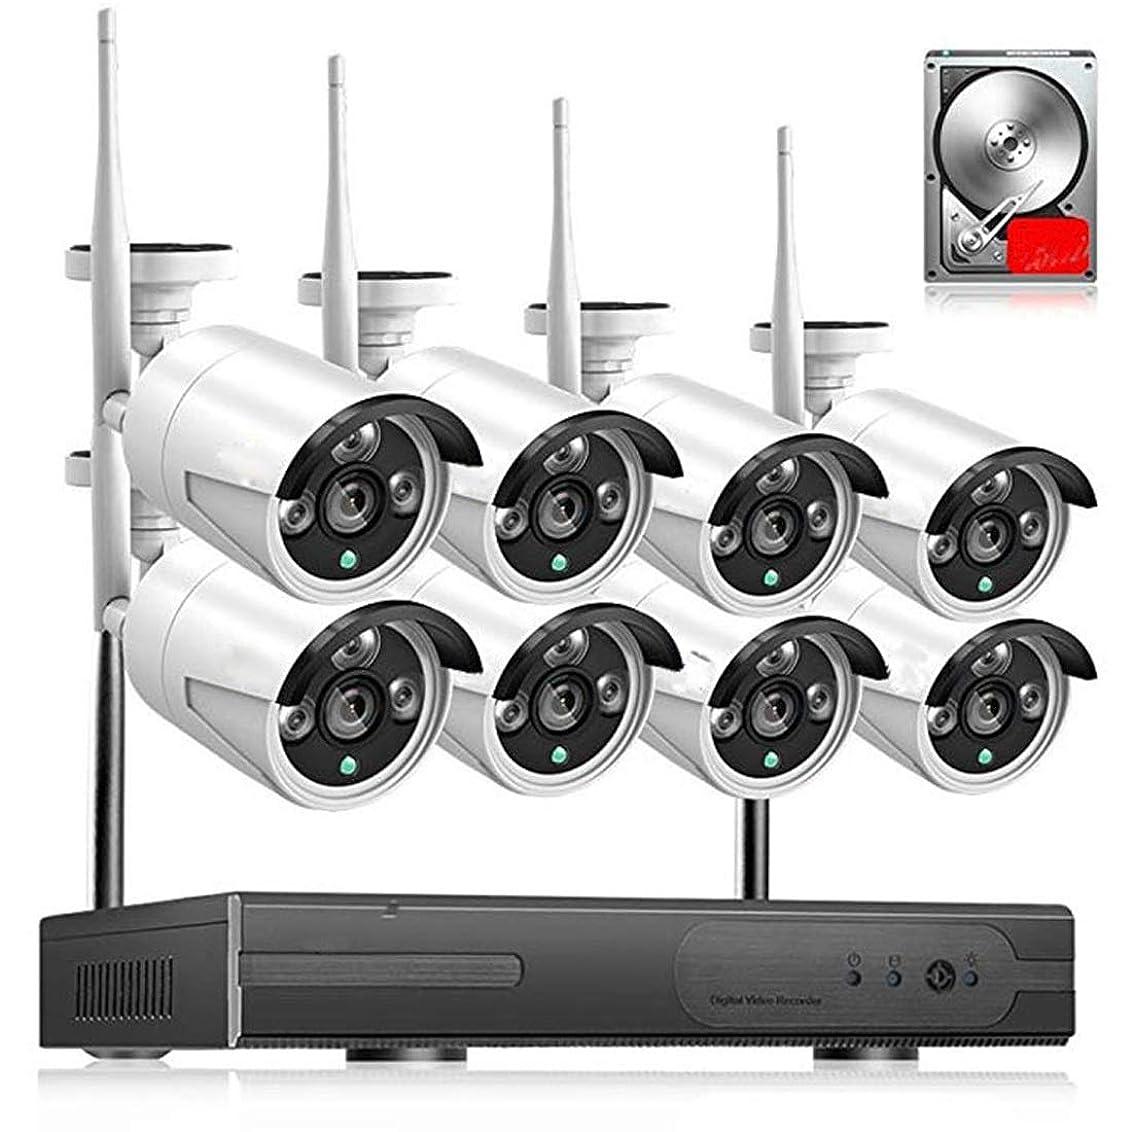 インポート自治的油方朝日スポーツ用品店 ワイヤレス監視機器セット4チャンネルレコーダーNVRネットワークカメラ720 P 1080 P HDナイトビジョン